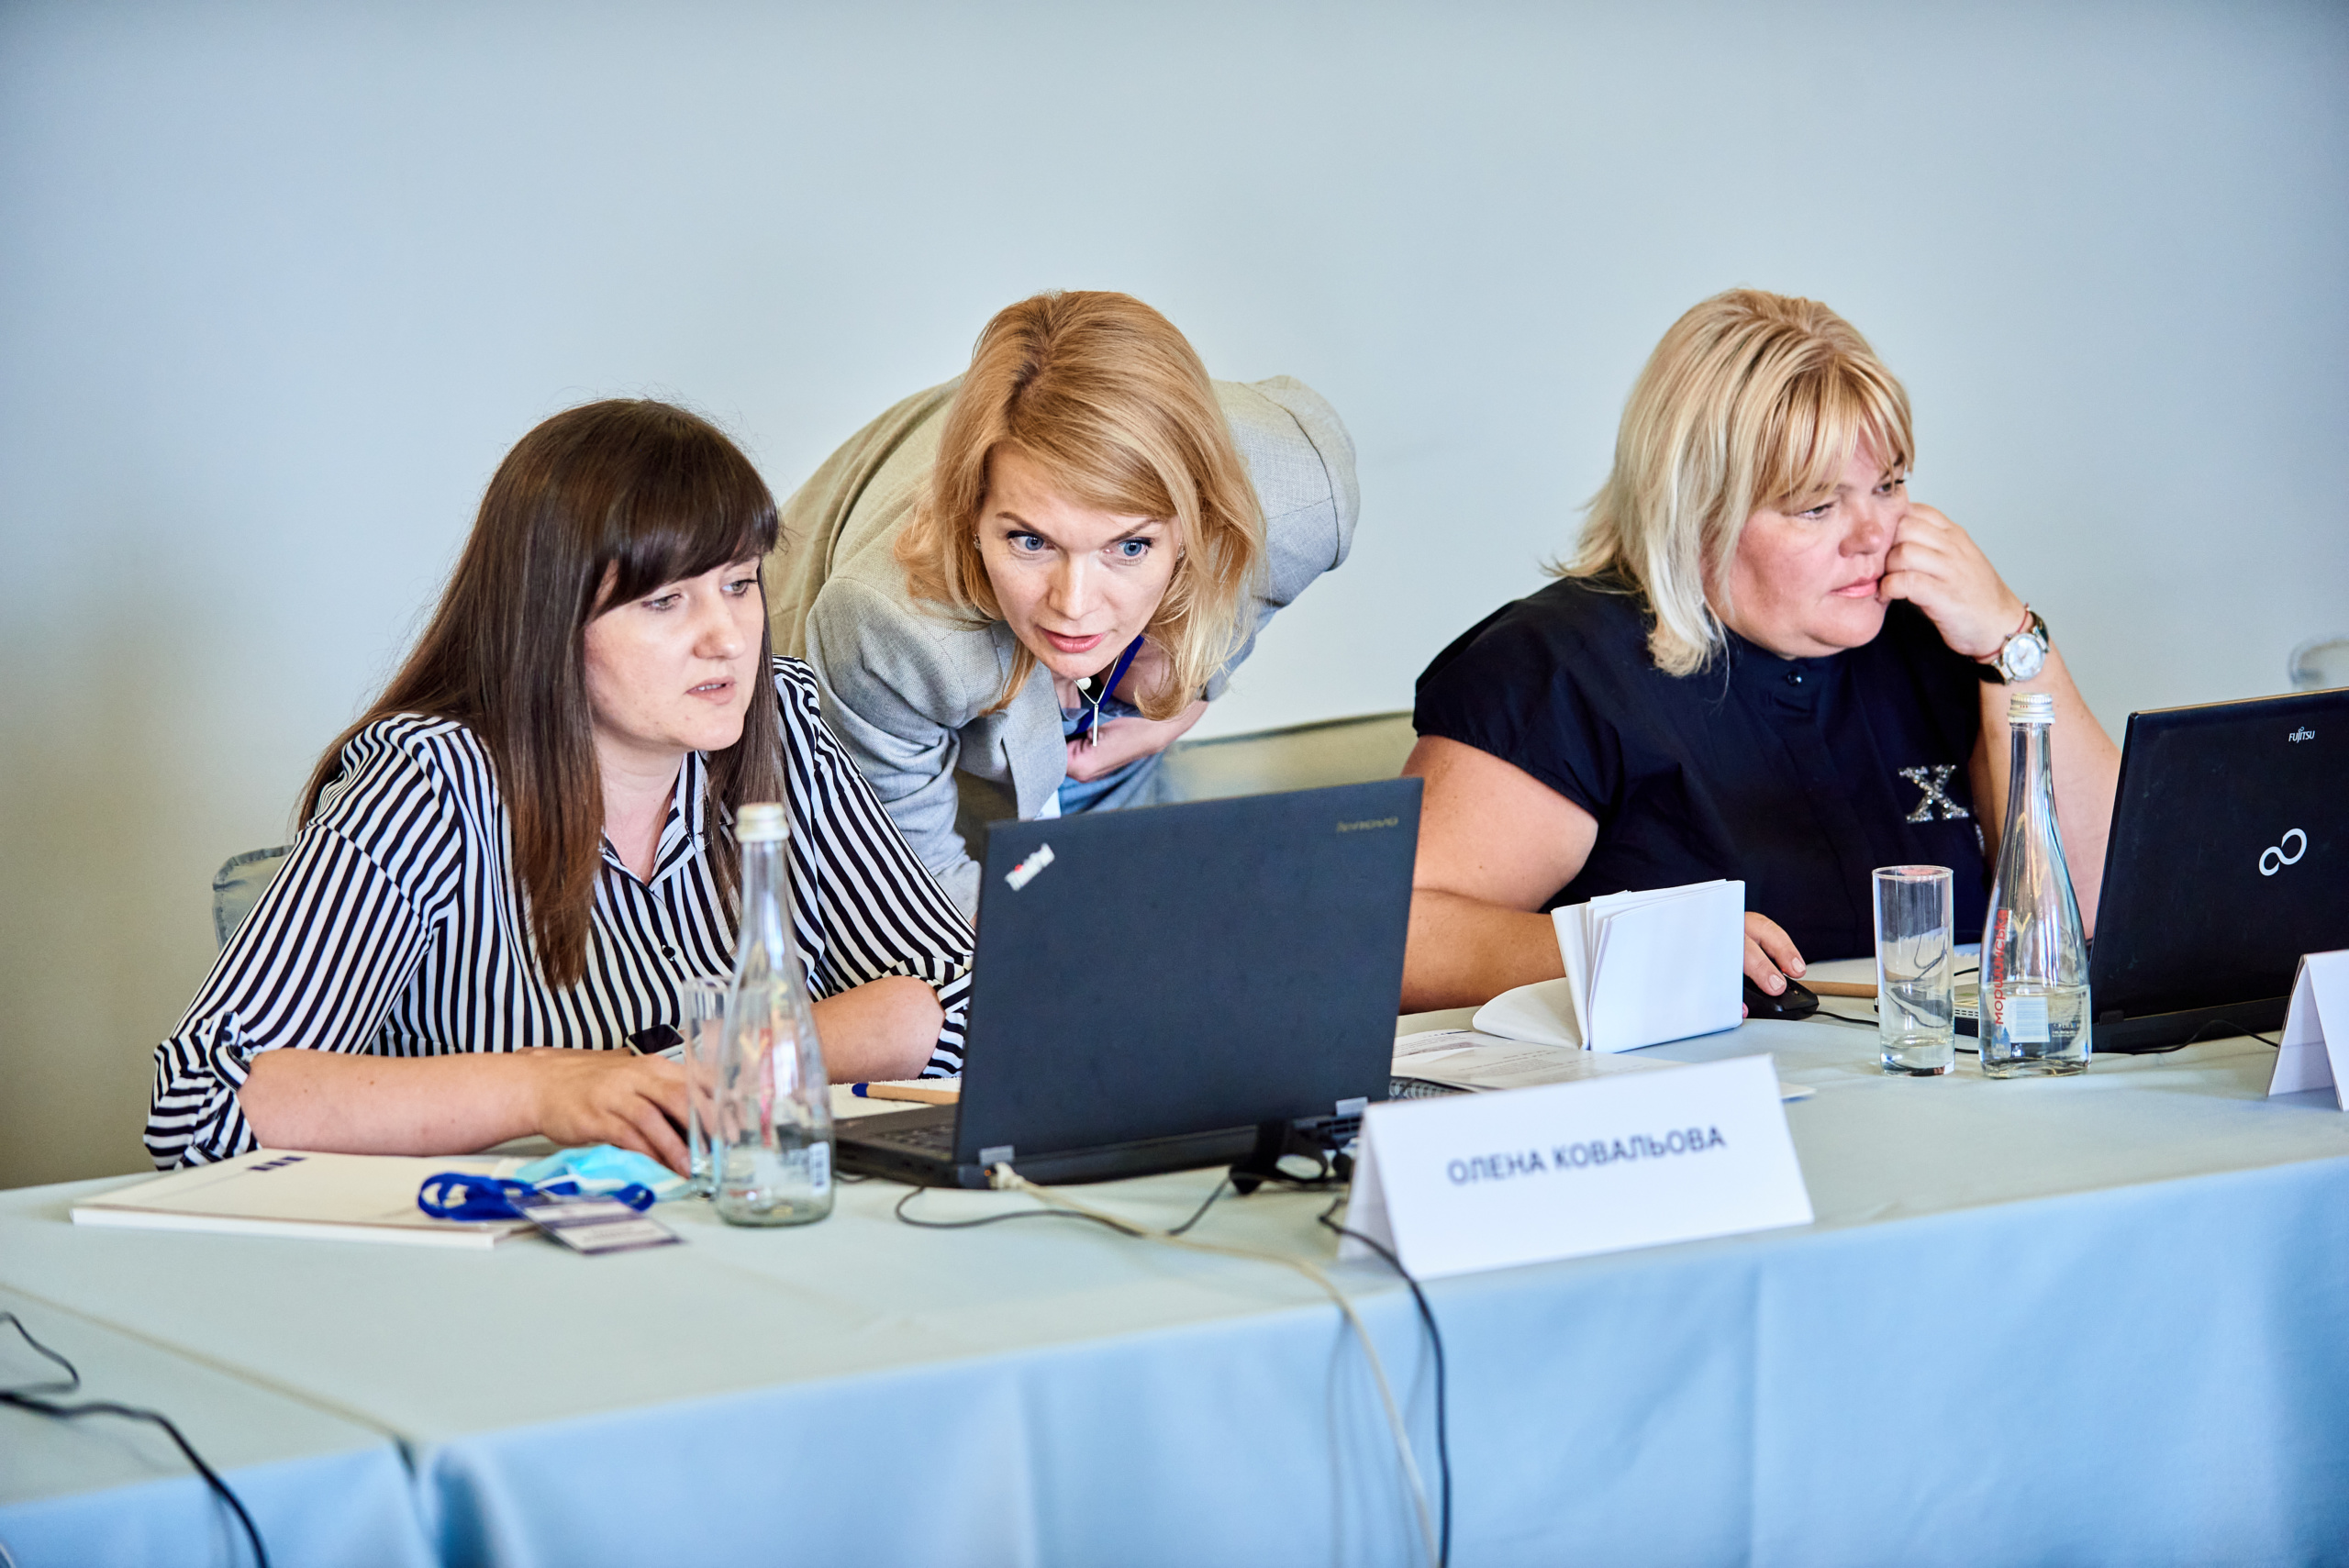 Кібергігієна: тренінг для тренерів від Координатора проектів ОБСЄ в Україні